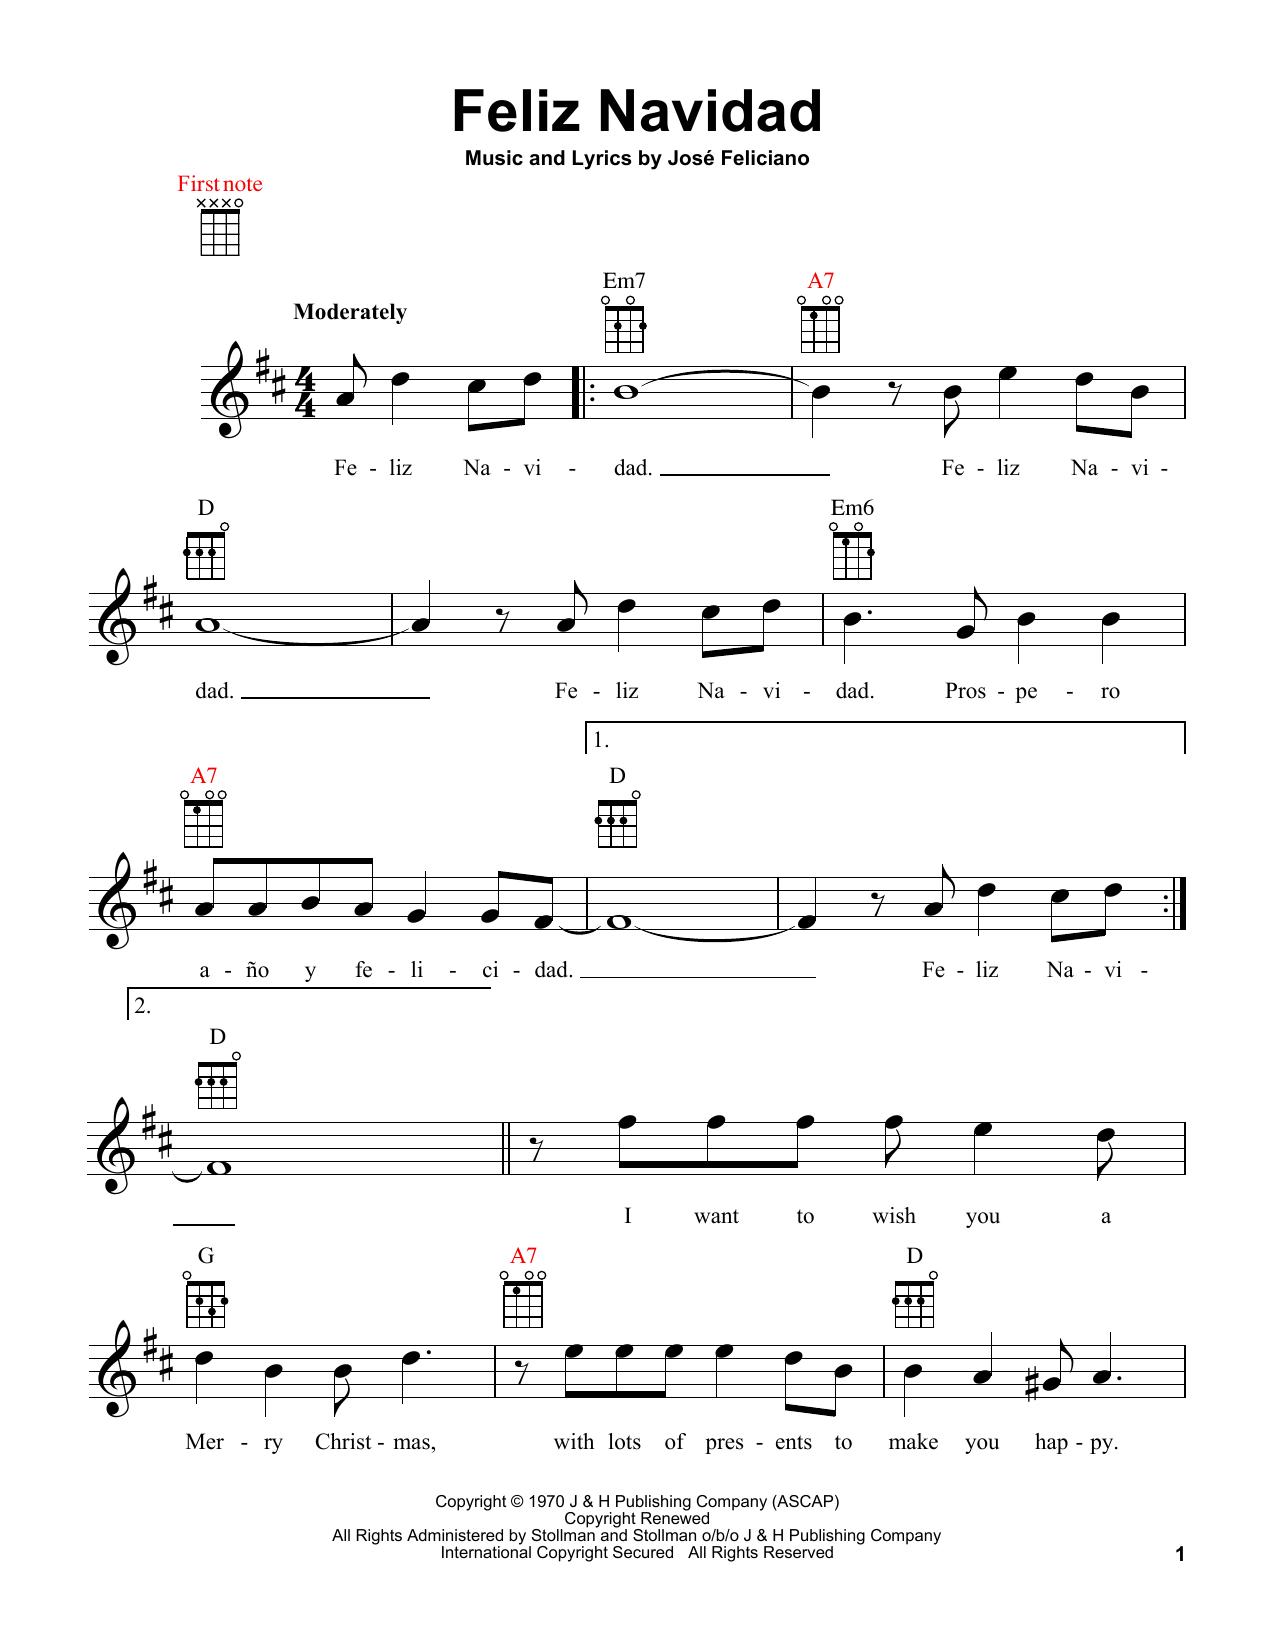 feliz navidad atstanton s sheet music stanton s digital delivery stanton s sheet music